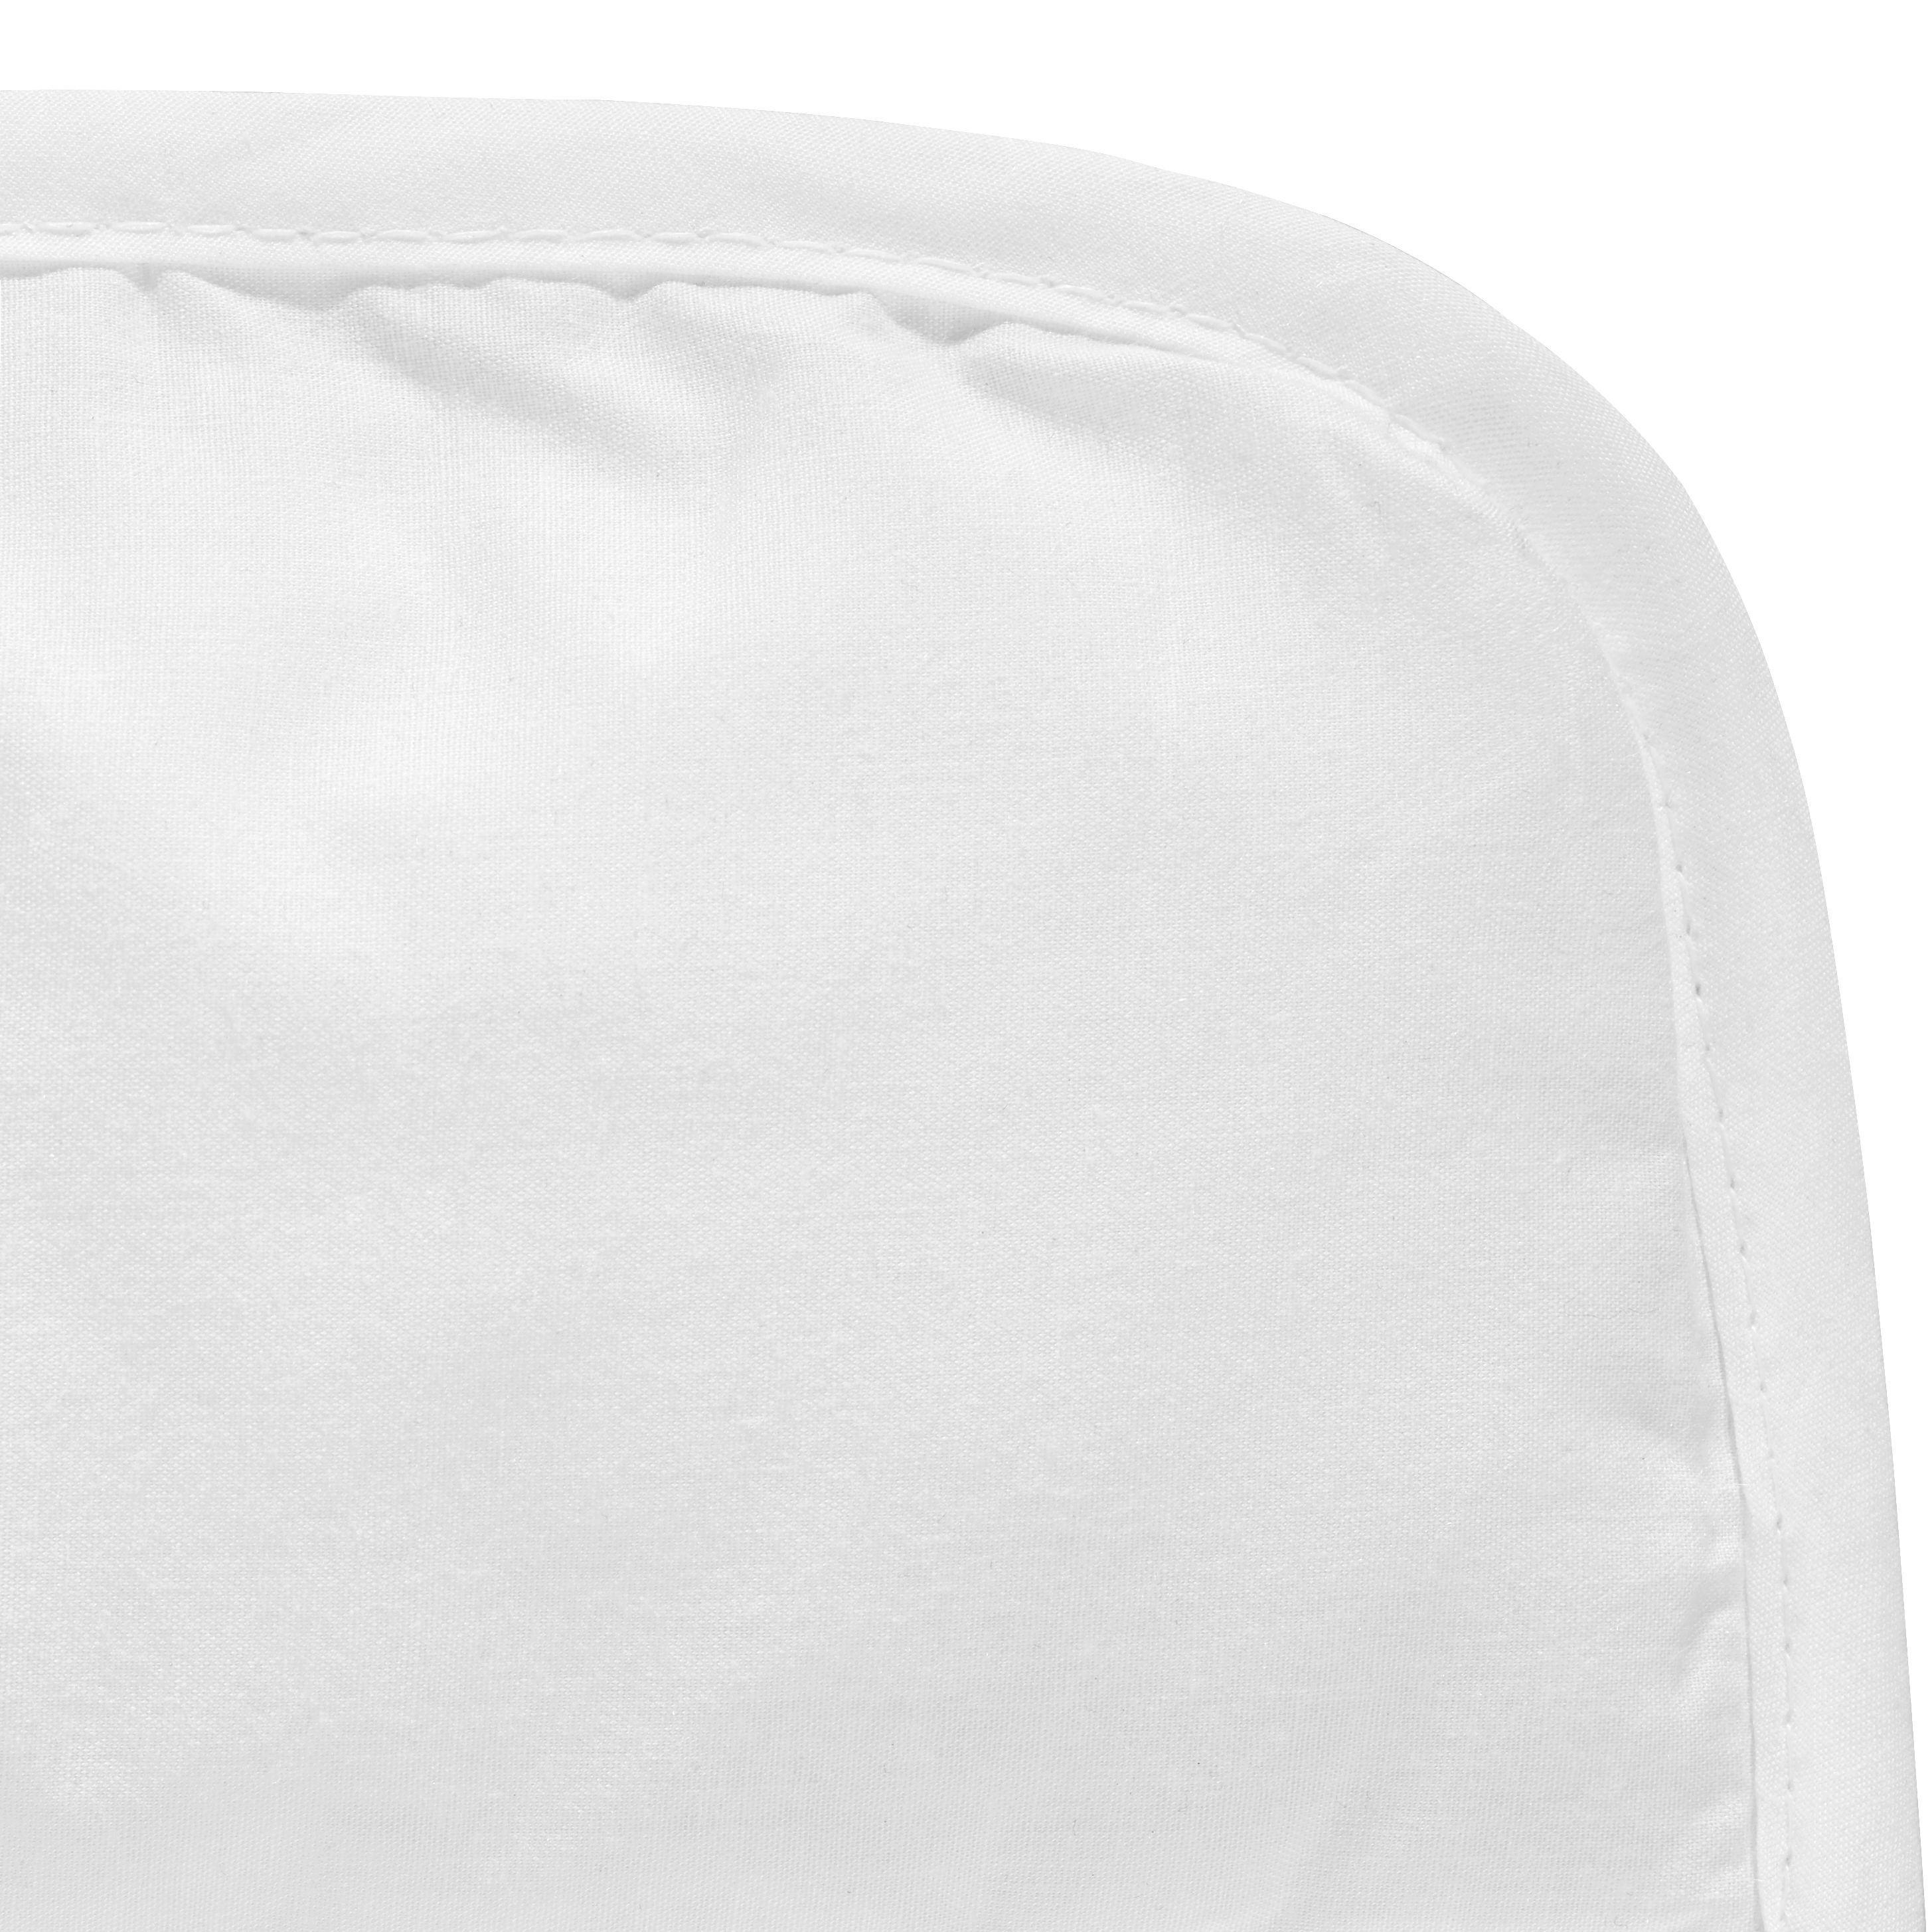 Sommerbettdecke Bella 135x200cm - Weiß, KONVENTIONELL, Textil (135/200cm) - MÖMAX modern living